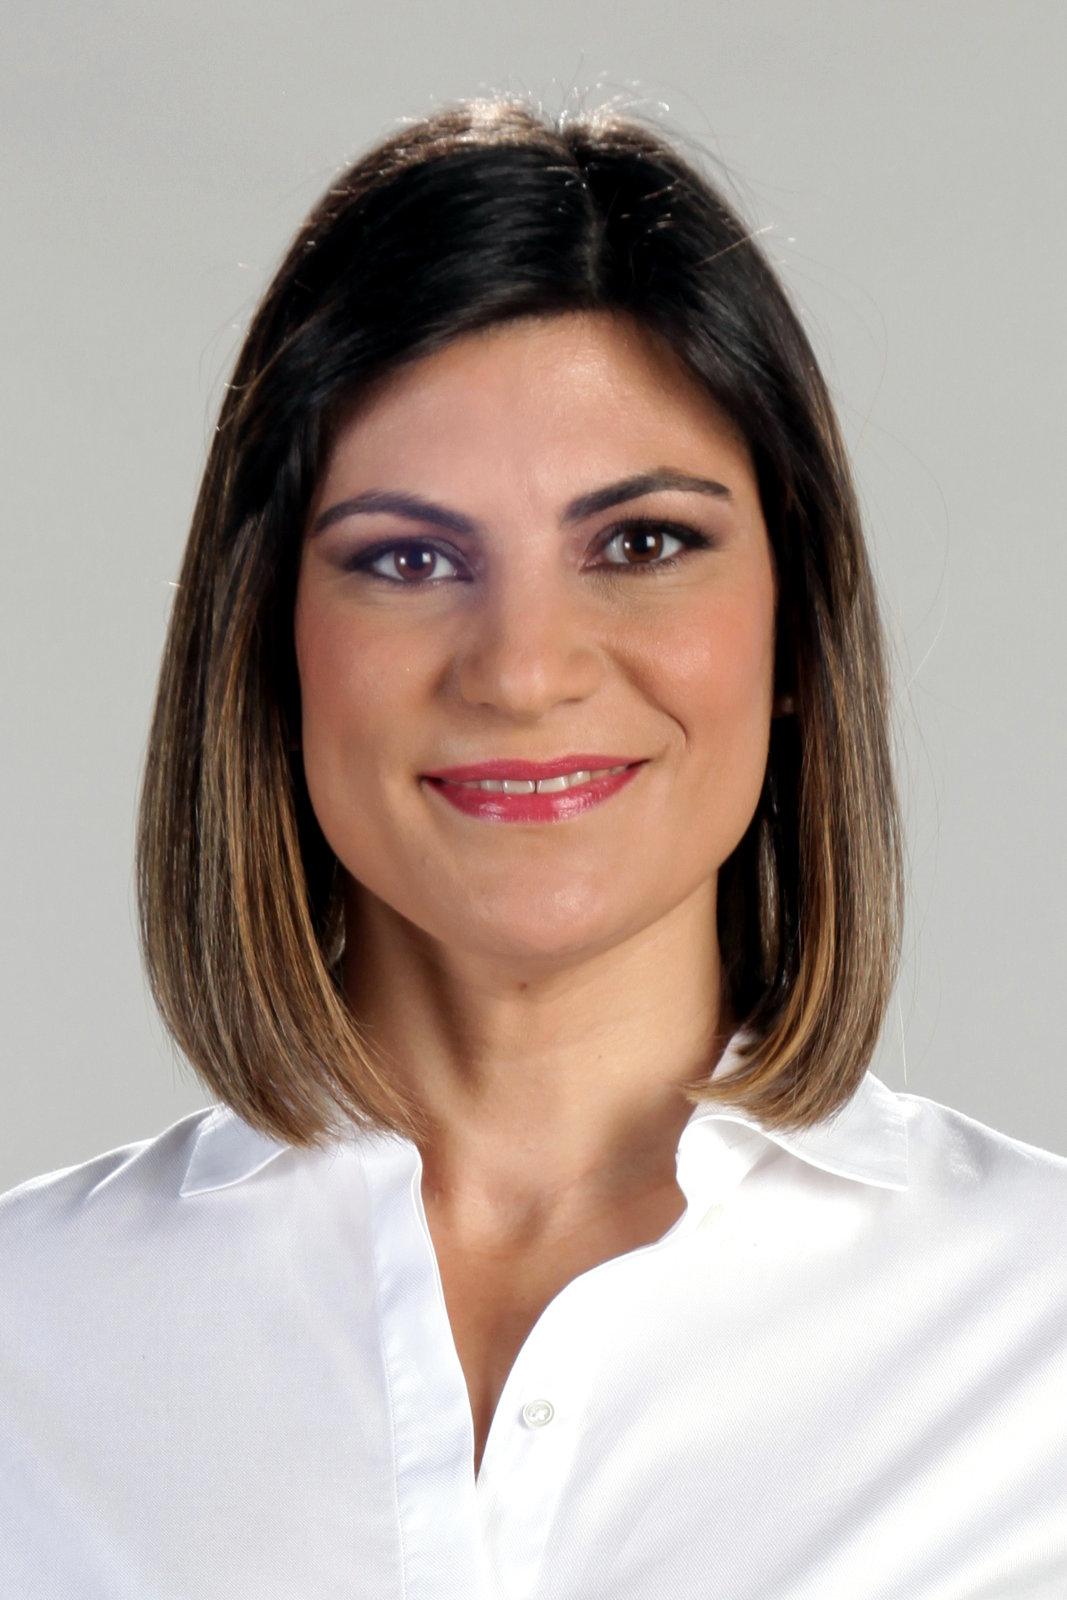 Inma Sánchez Roca